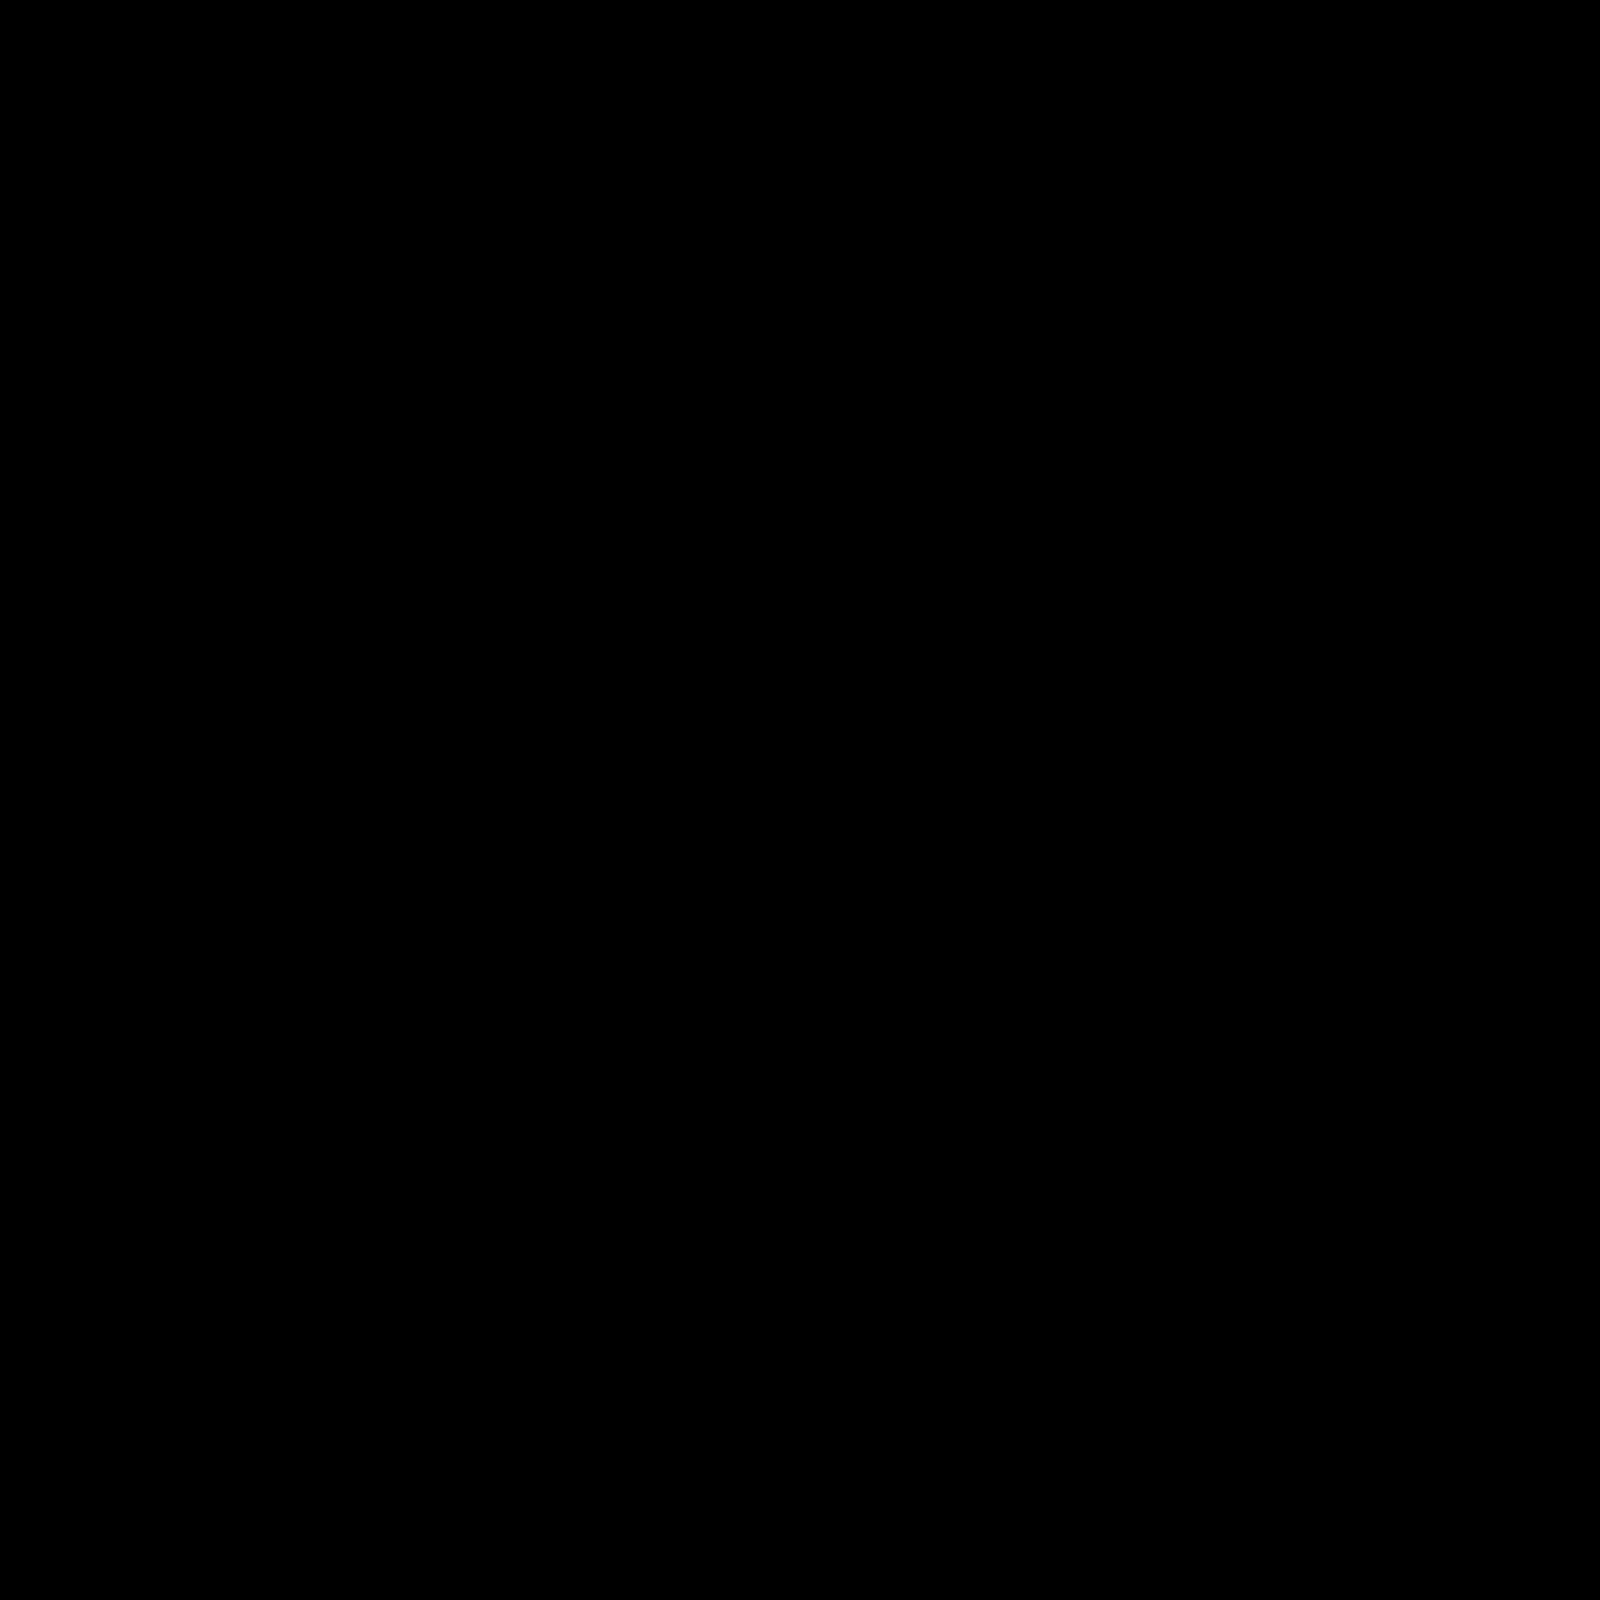 9 Kier icon